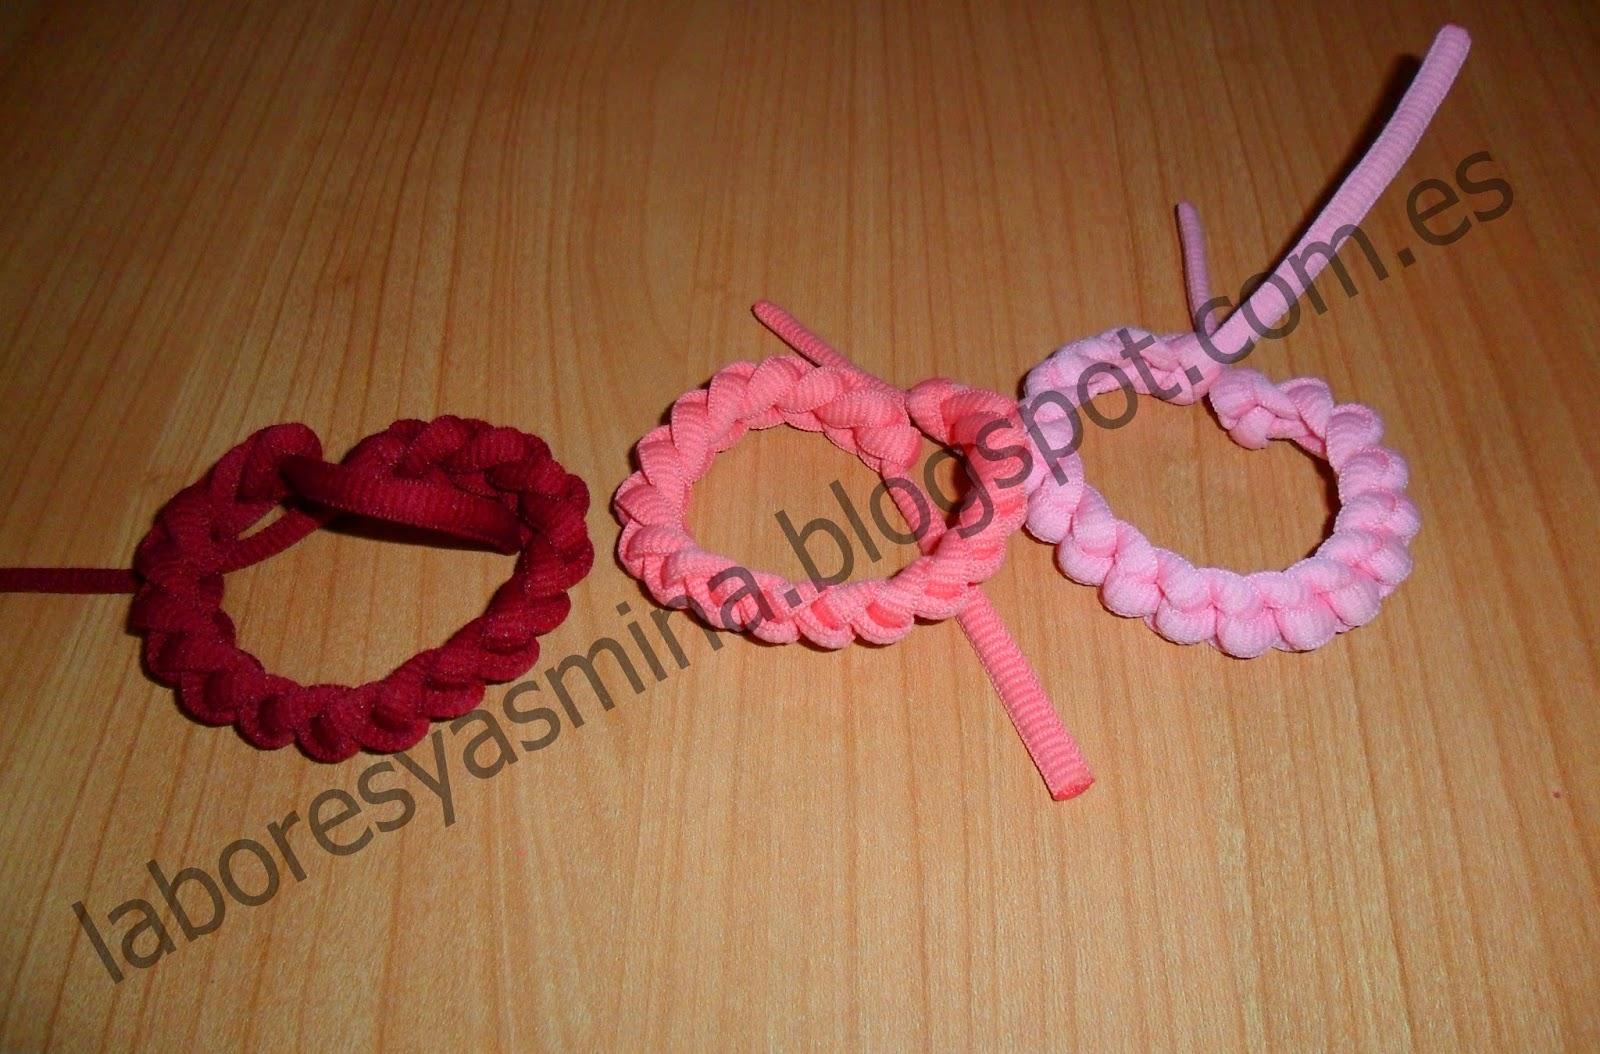 http//www.ideasdiy.com/hacer,bisuteria/como,hacer,una,pulsera,con,cordones,de,colores/